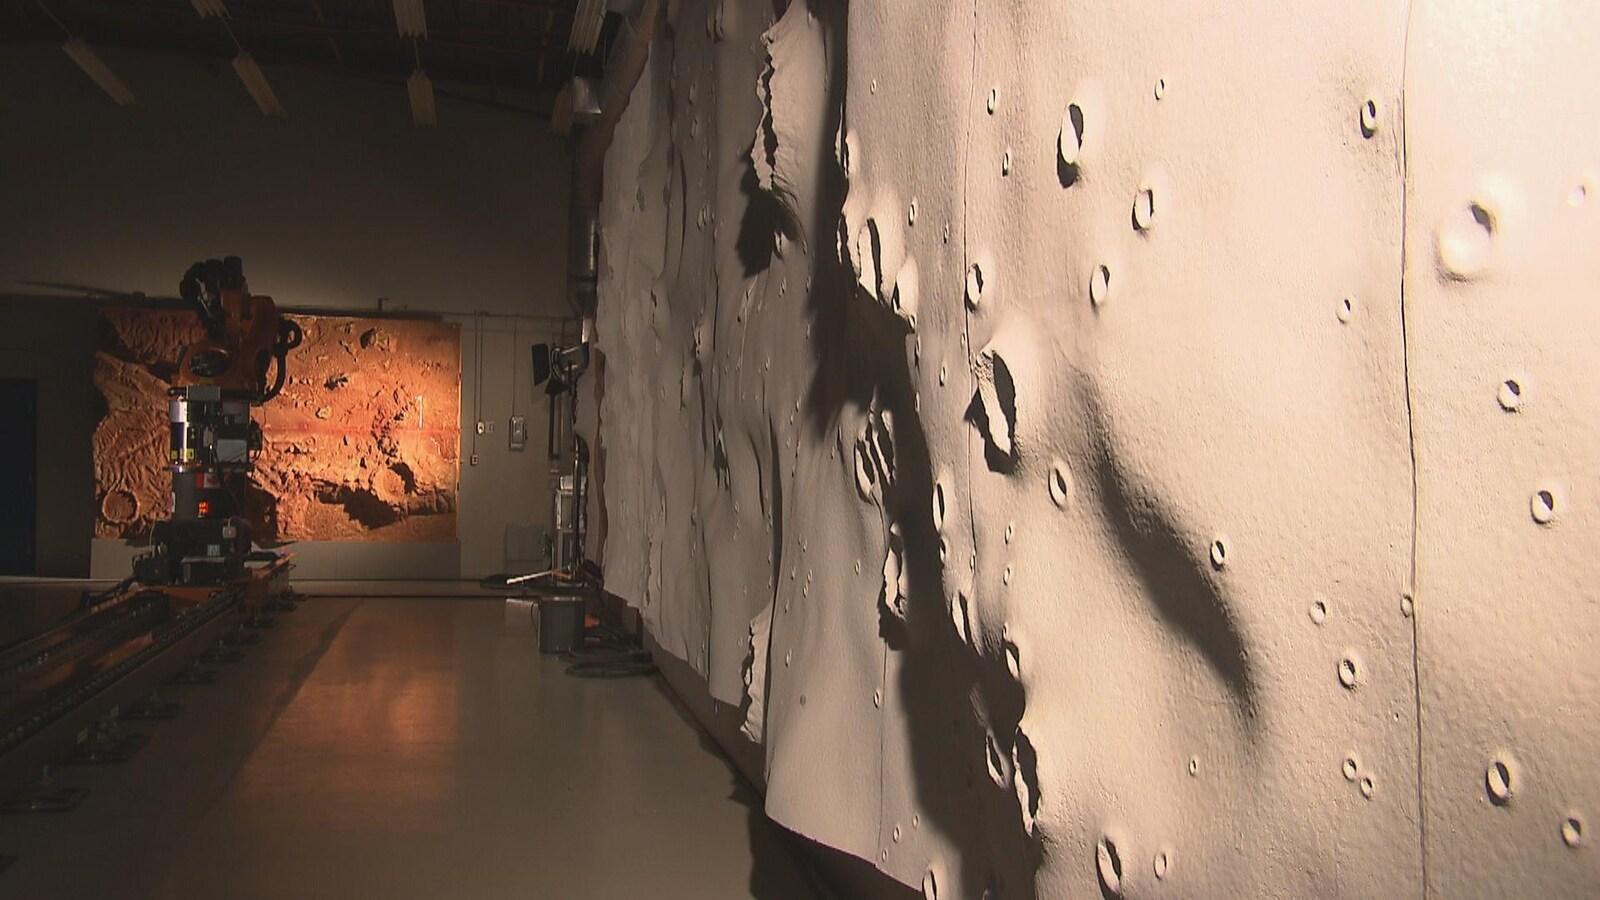 Des maquettes représentant Mars et la Lune, dans un laboratoire.